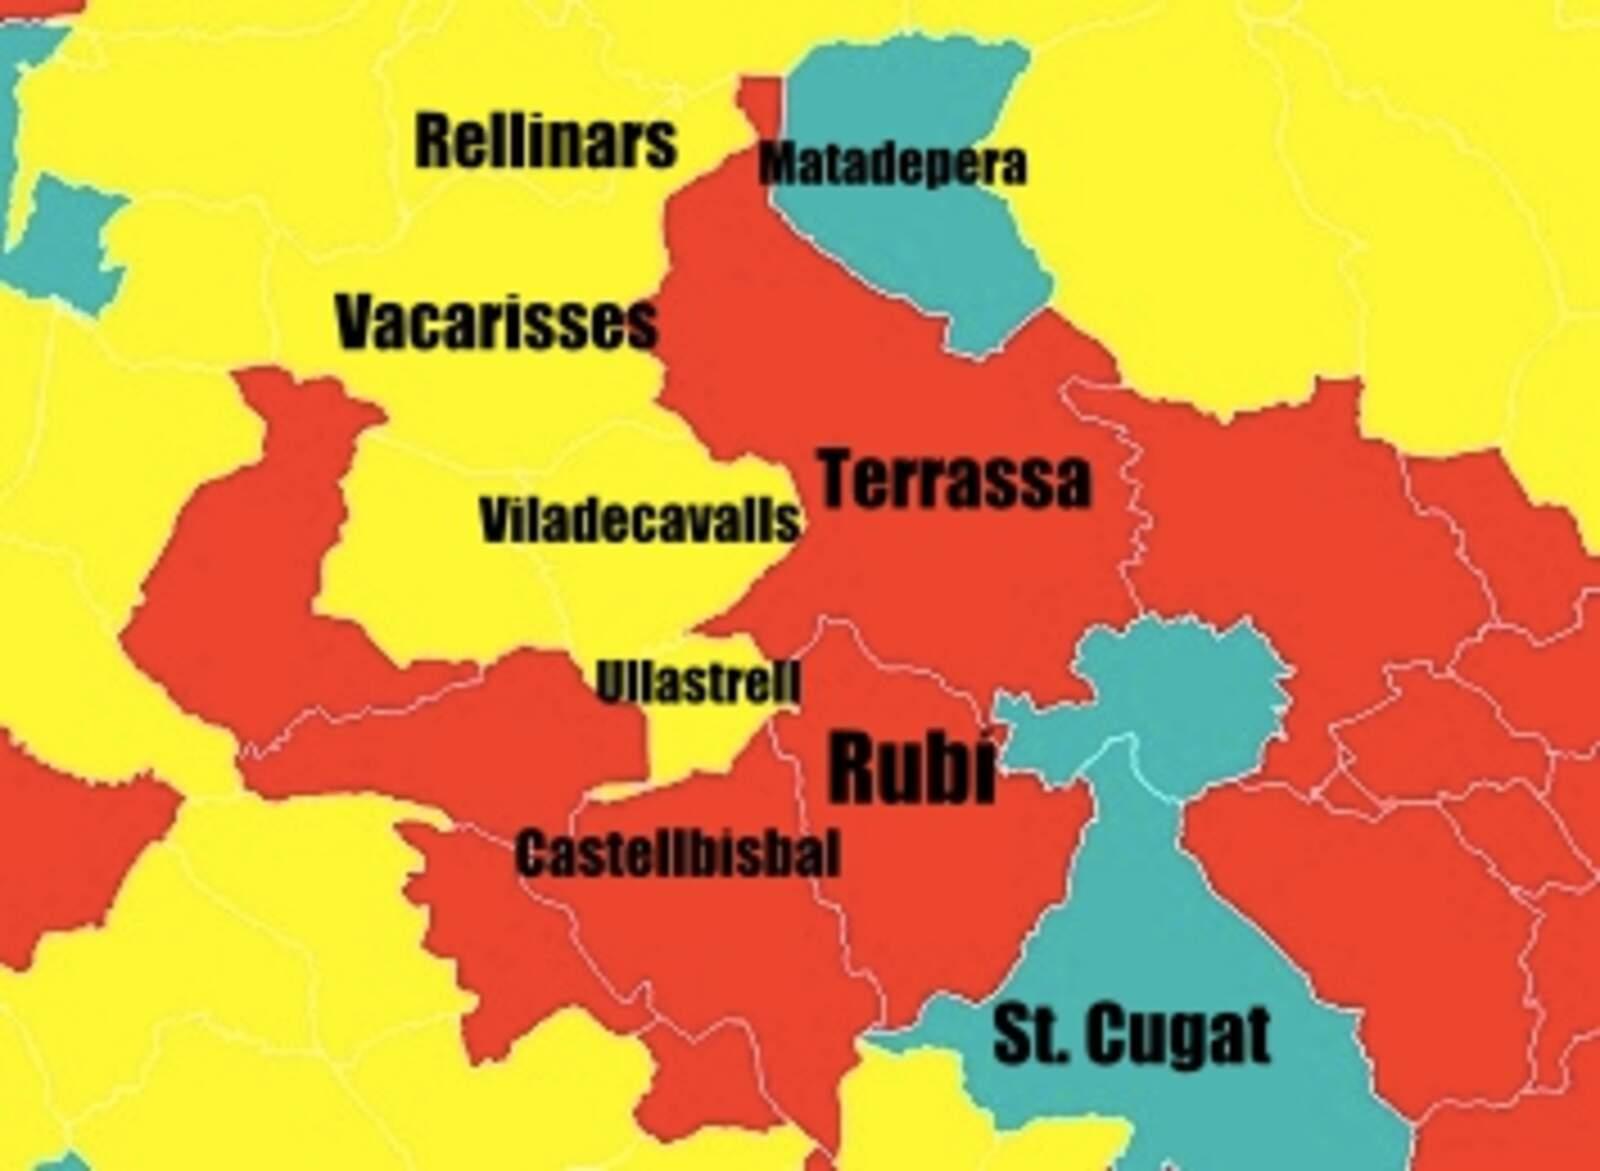 Mapa de la comarca amb els colors del partit guanyador